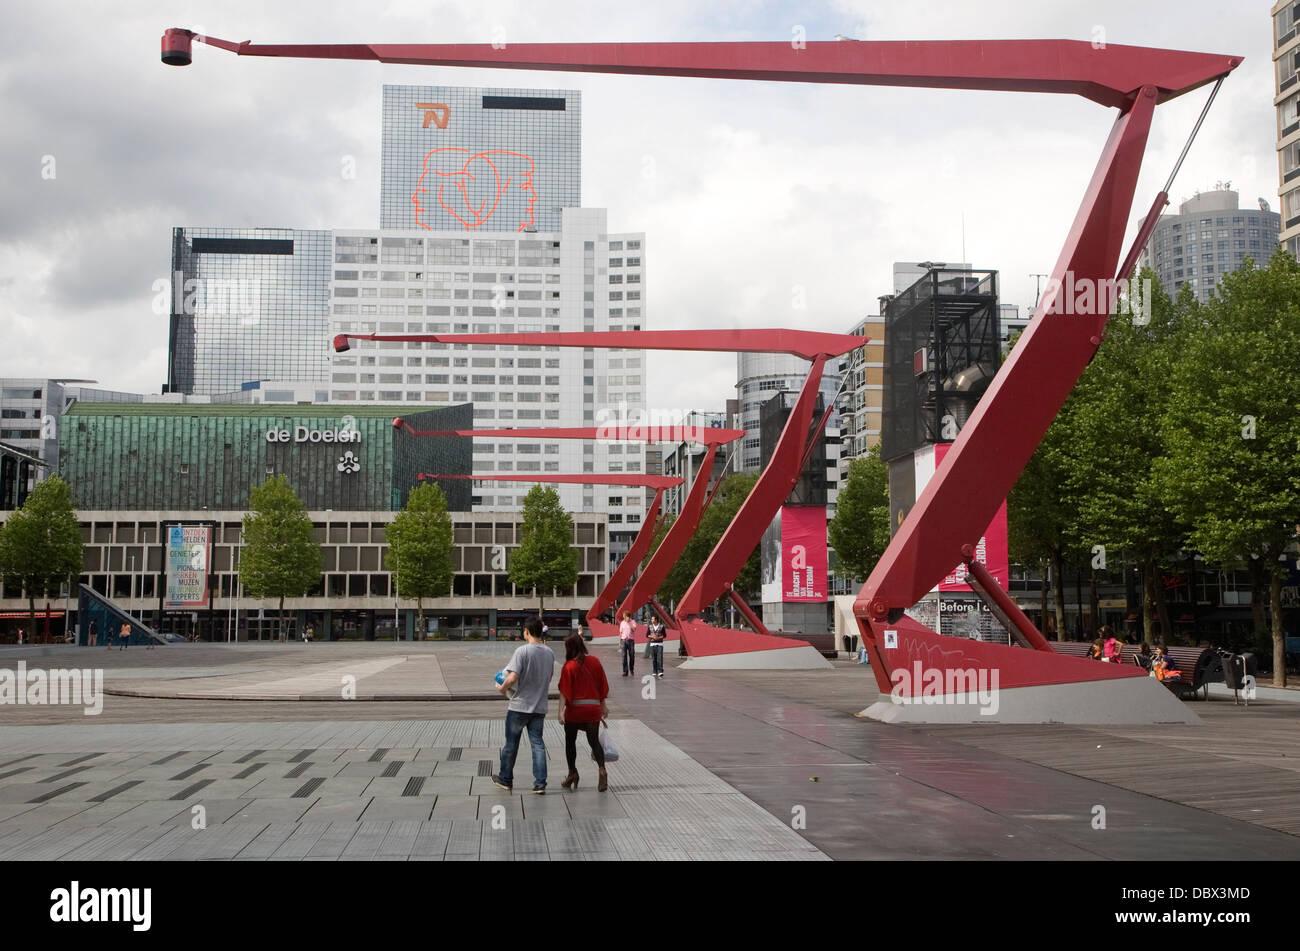 Schouwburgplein square Rotterdam Netherlands designed by Adriaan Geuze Stock Photo